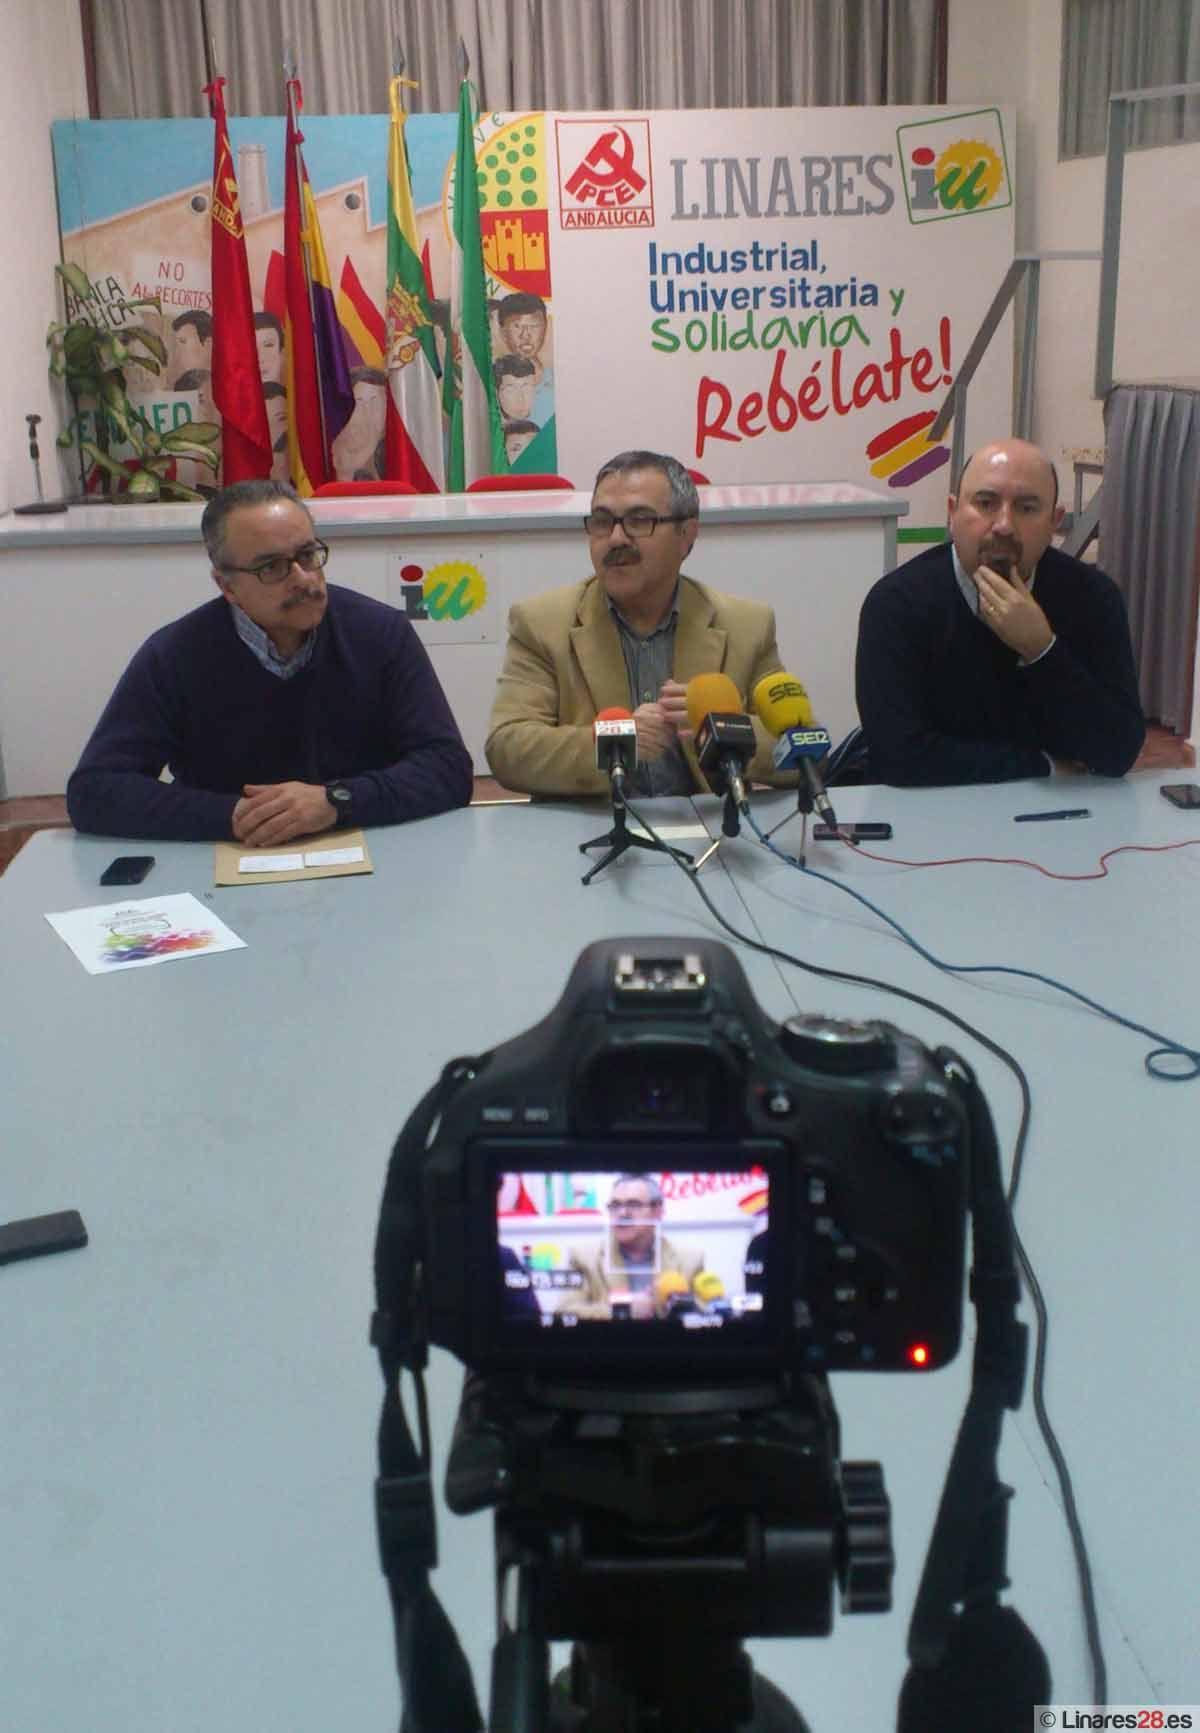 IU, CC.OO y UGT presentan conjuntamente la manifestación del próximo 28-F